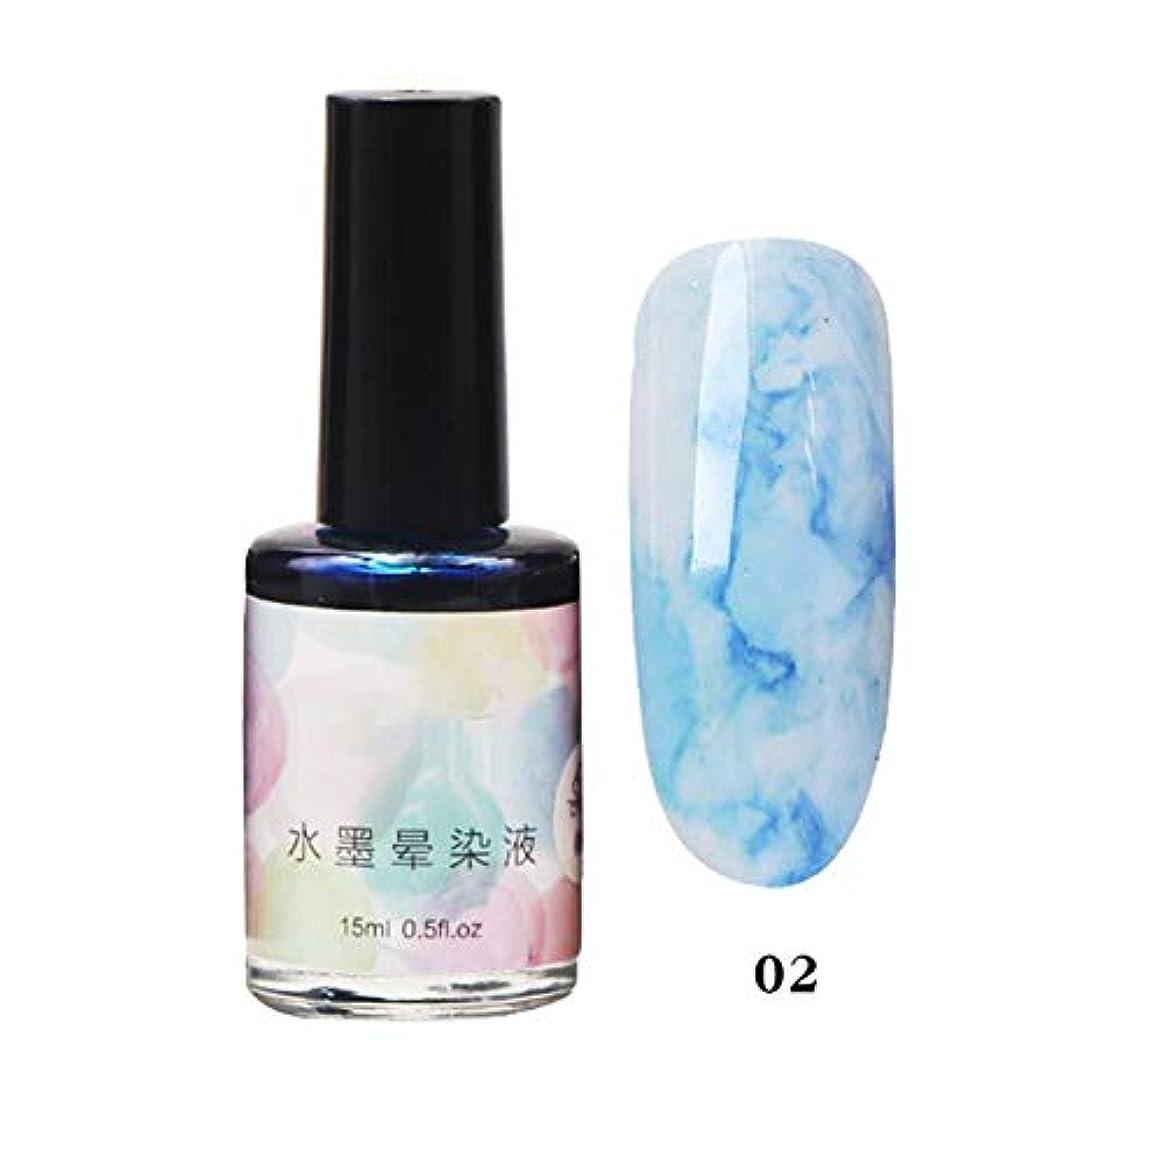 リムデンプシータッチ11色選べる ネイルポリッシュ マニキュア ネイルアート 美しい 水墨柄 ネイルカラー 液体 爪に塗って乾かす 初心者でも簡単に使用できる junexi